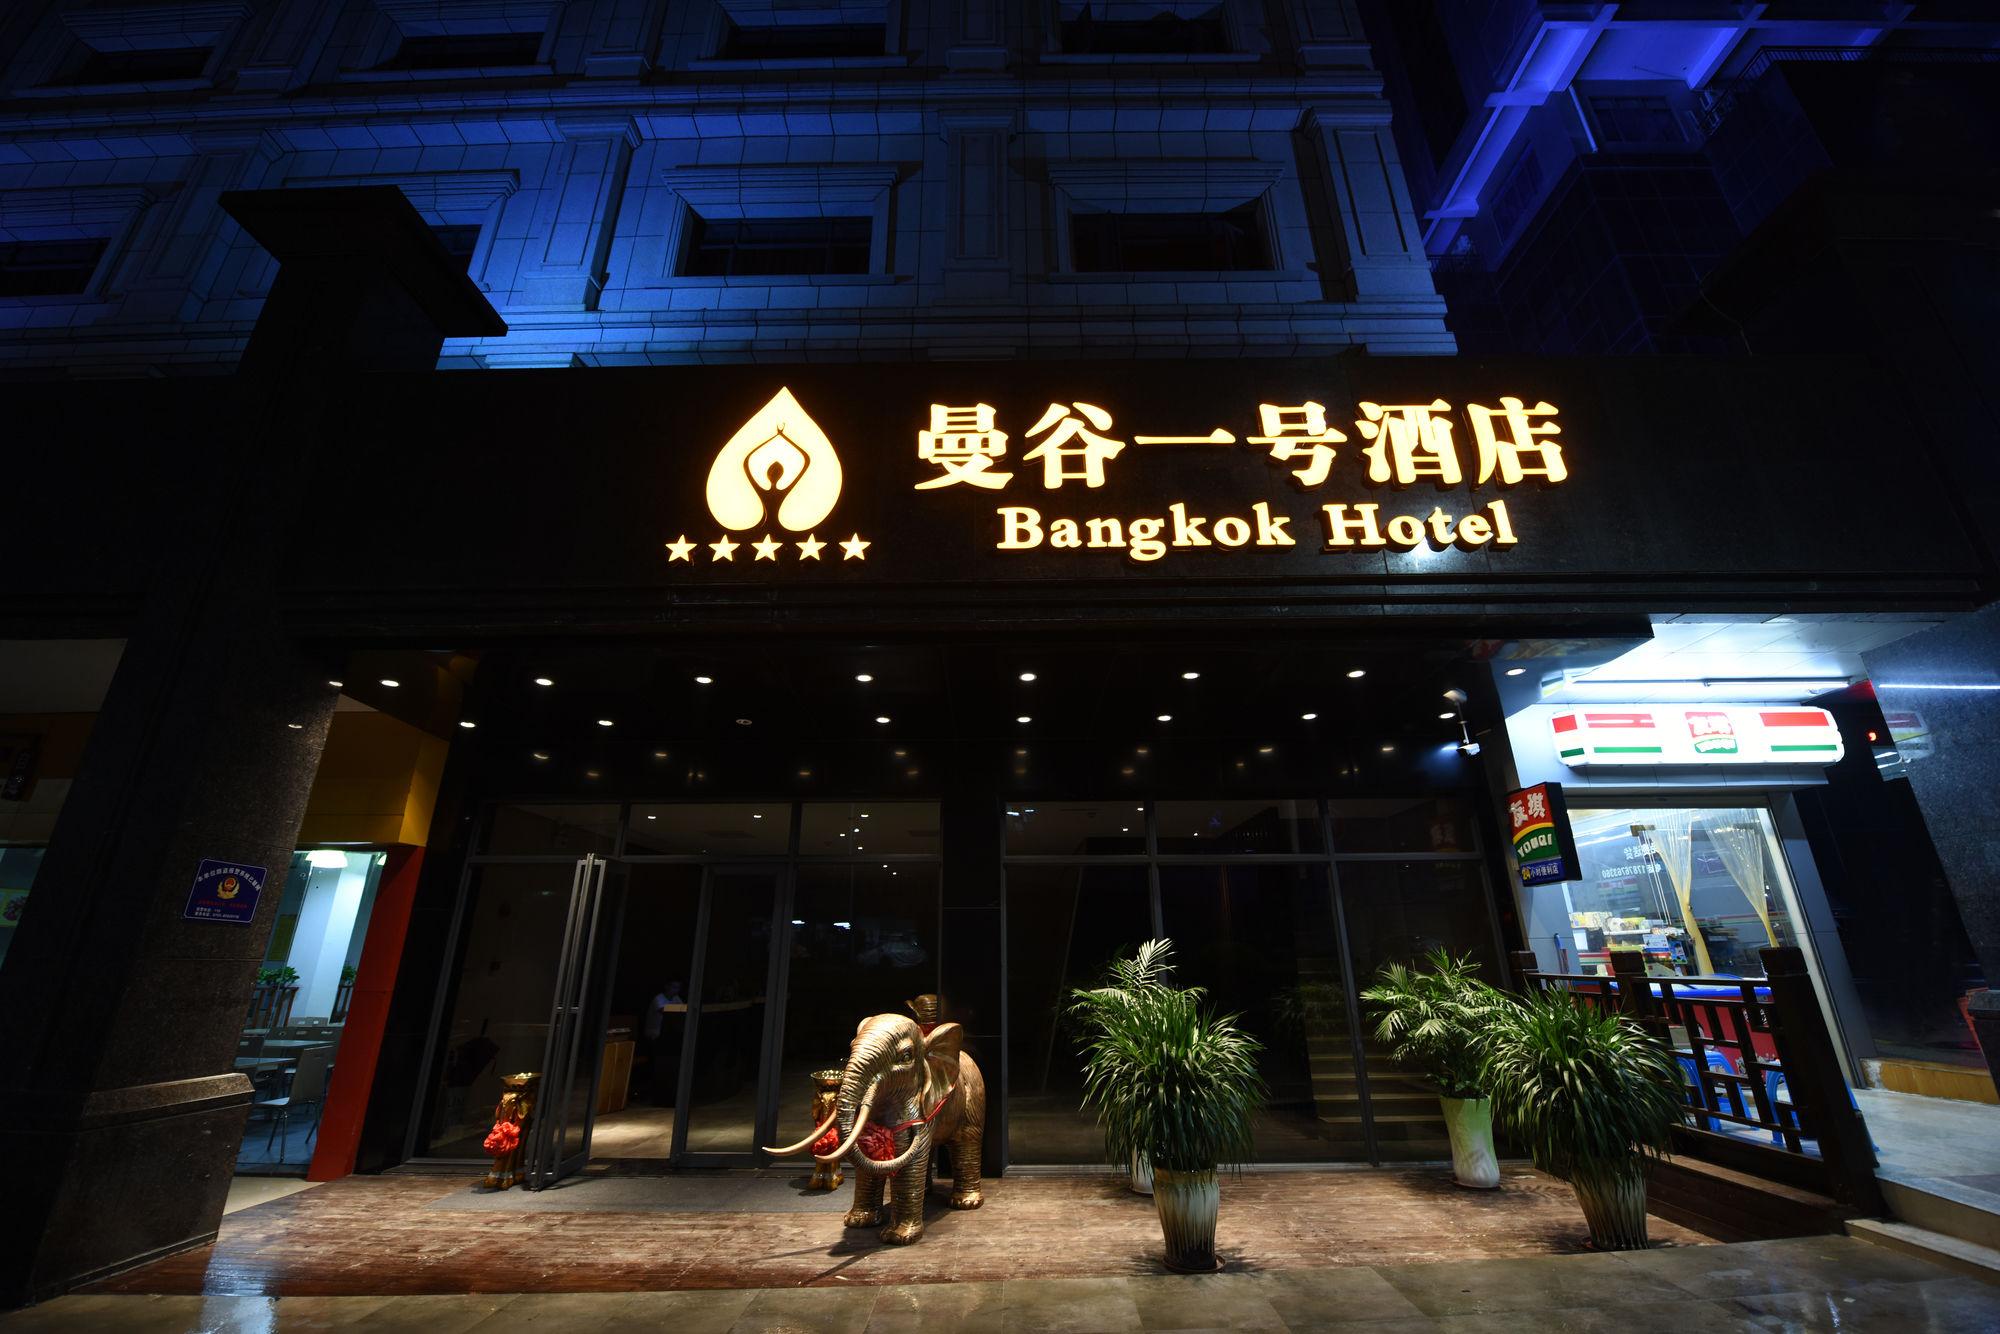 Bangkok Hotel Shenzhen